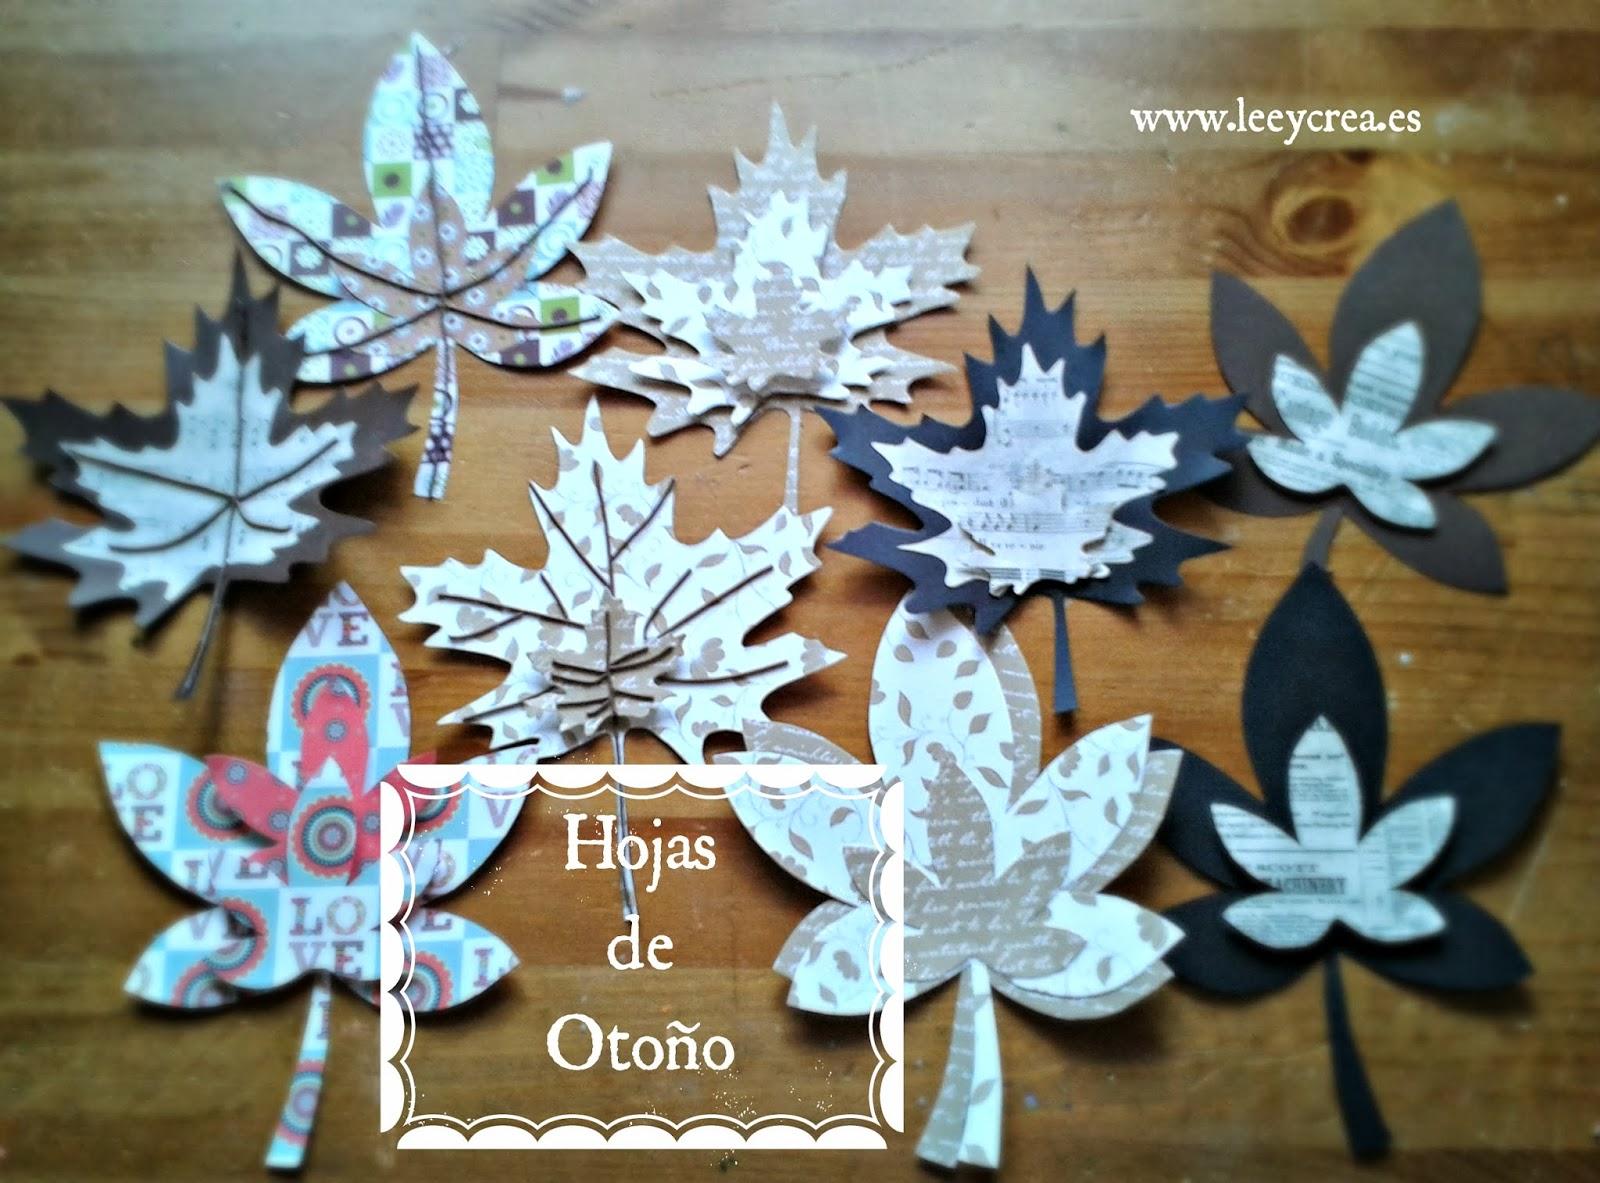 Hojas de oto o manualidades - Decorar hojas de otono ...